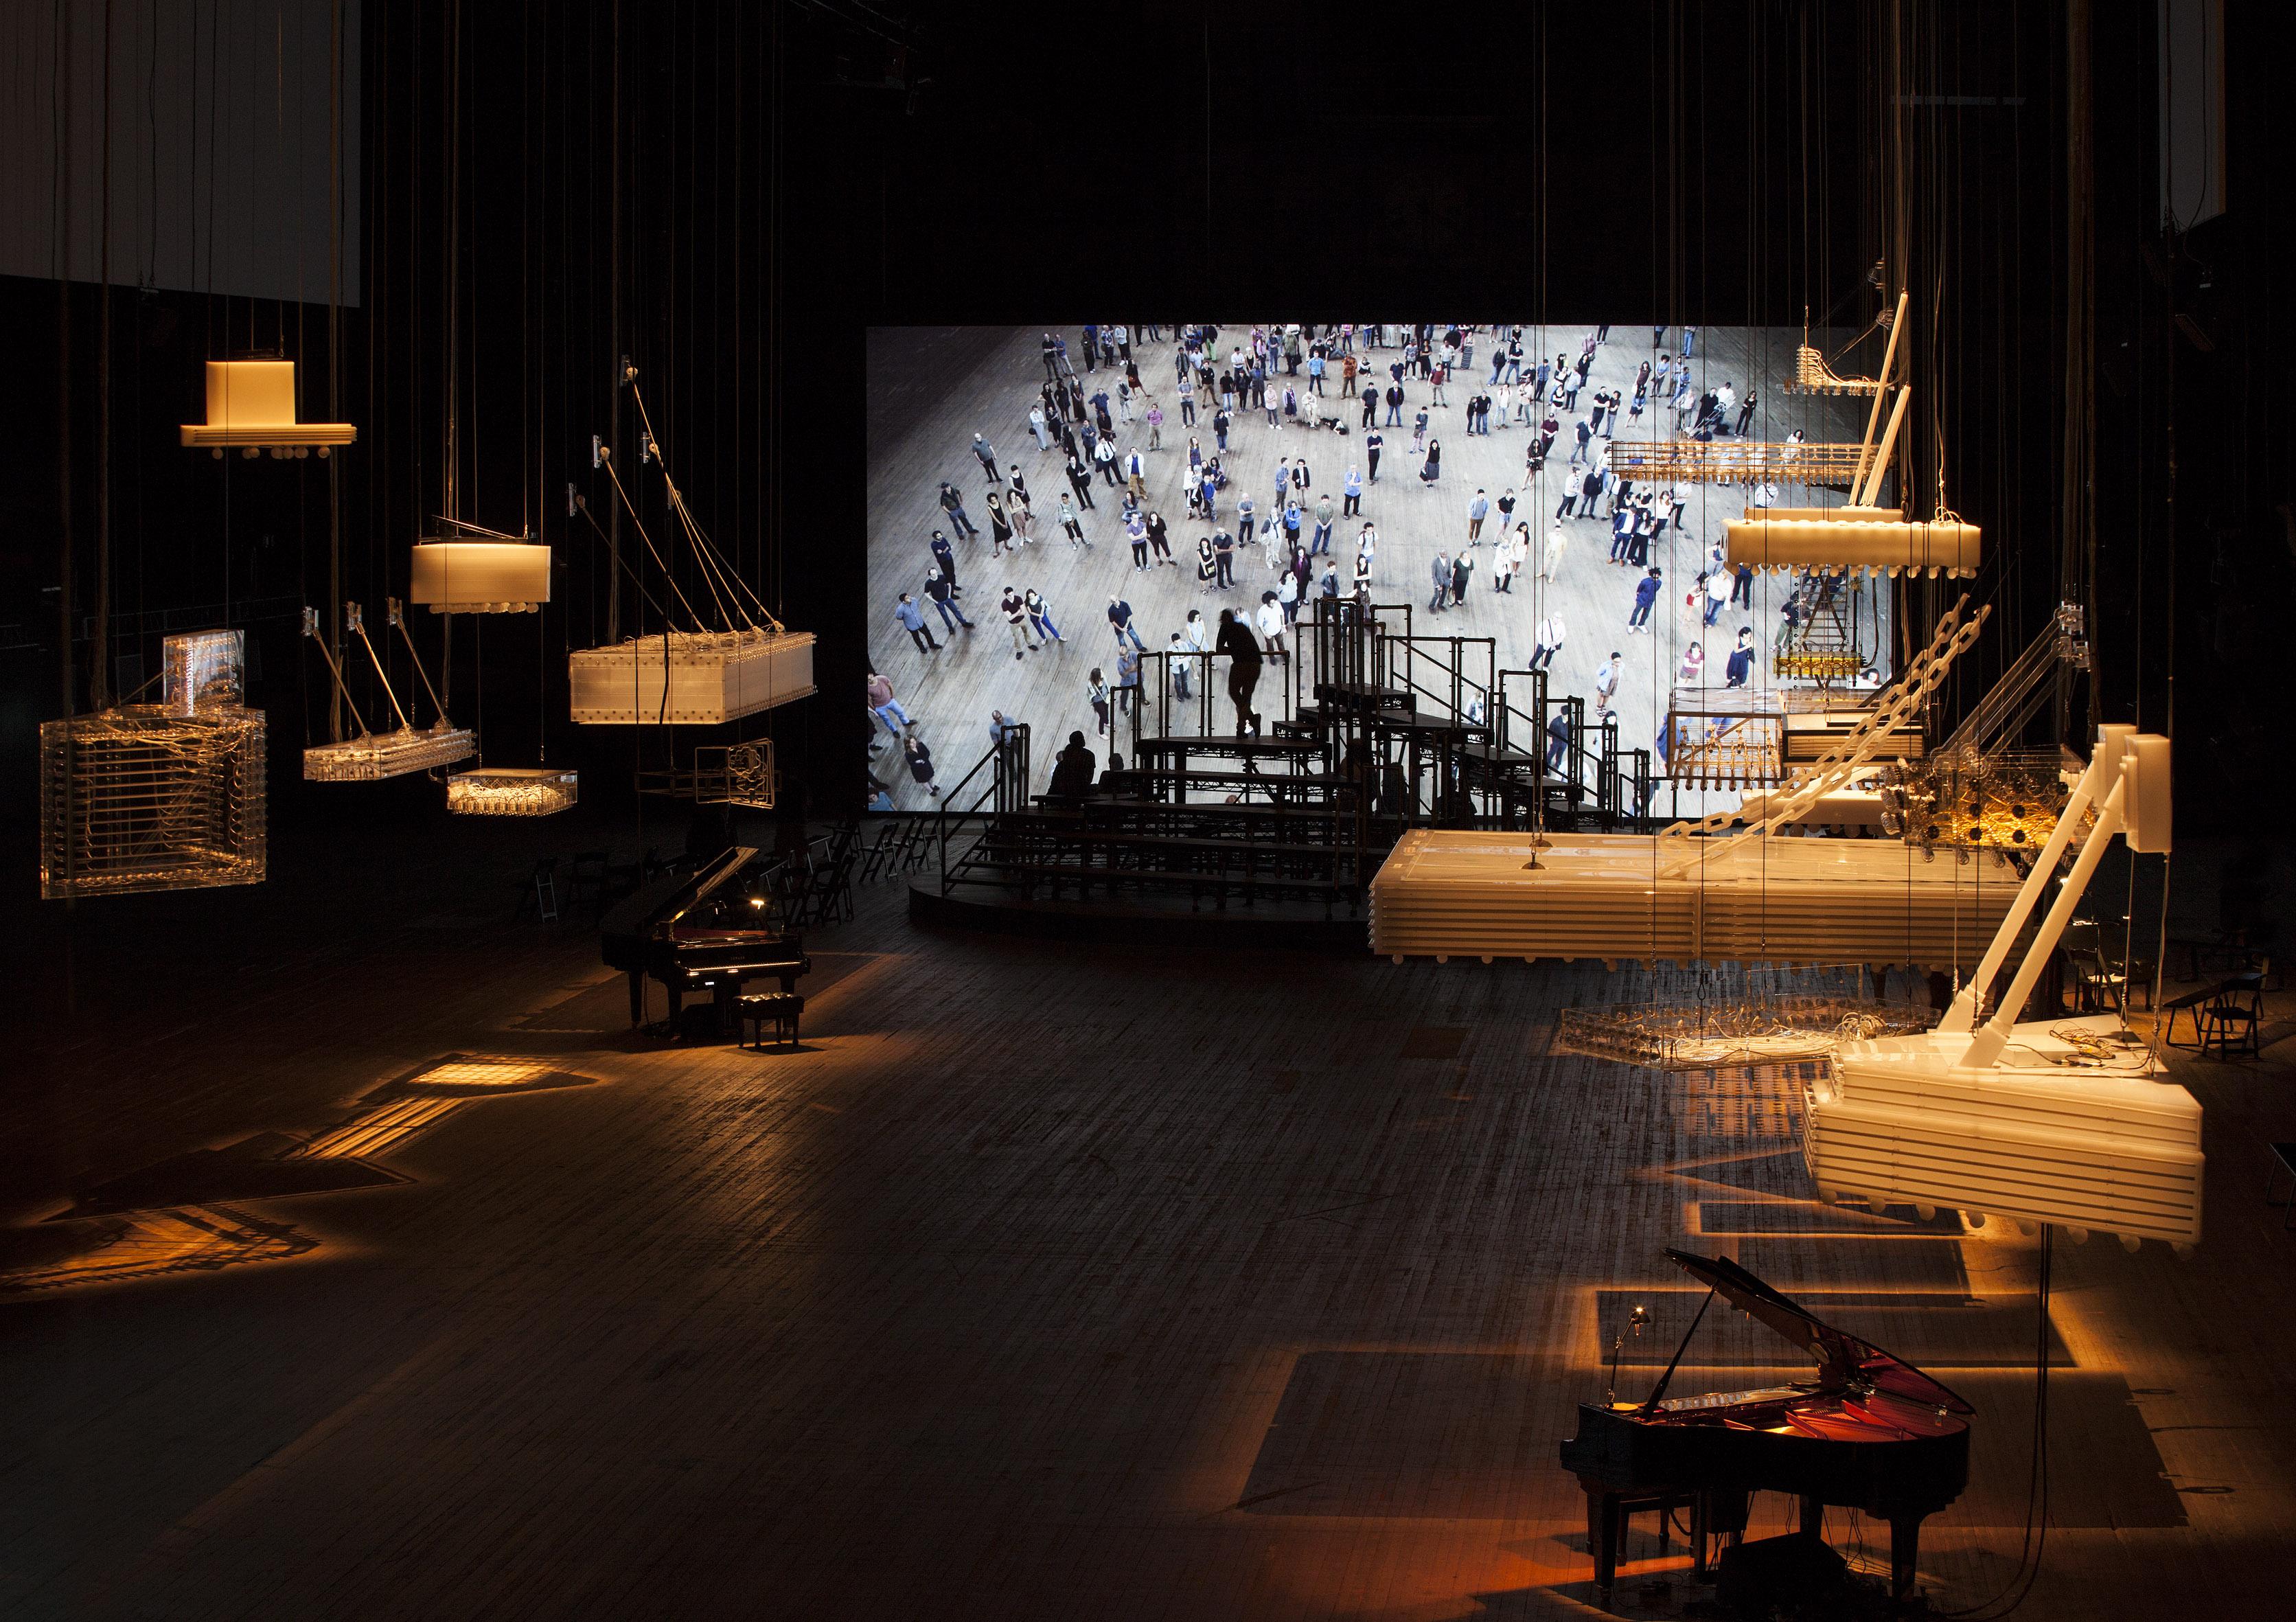 Philippe Parreno es autor de trabajos en los que le gusta amplificar el mensaje con el uso de técnicas diversas/ Foto: Tate Modern